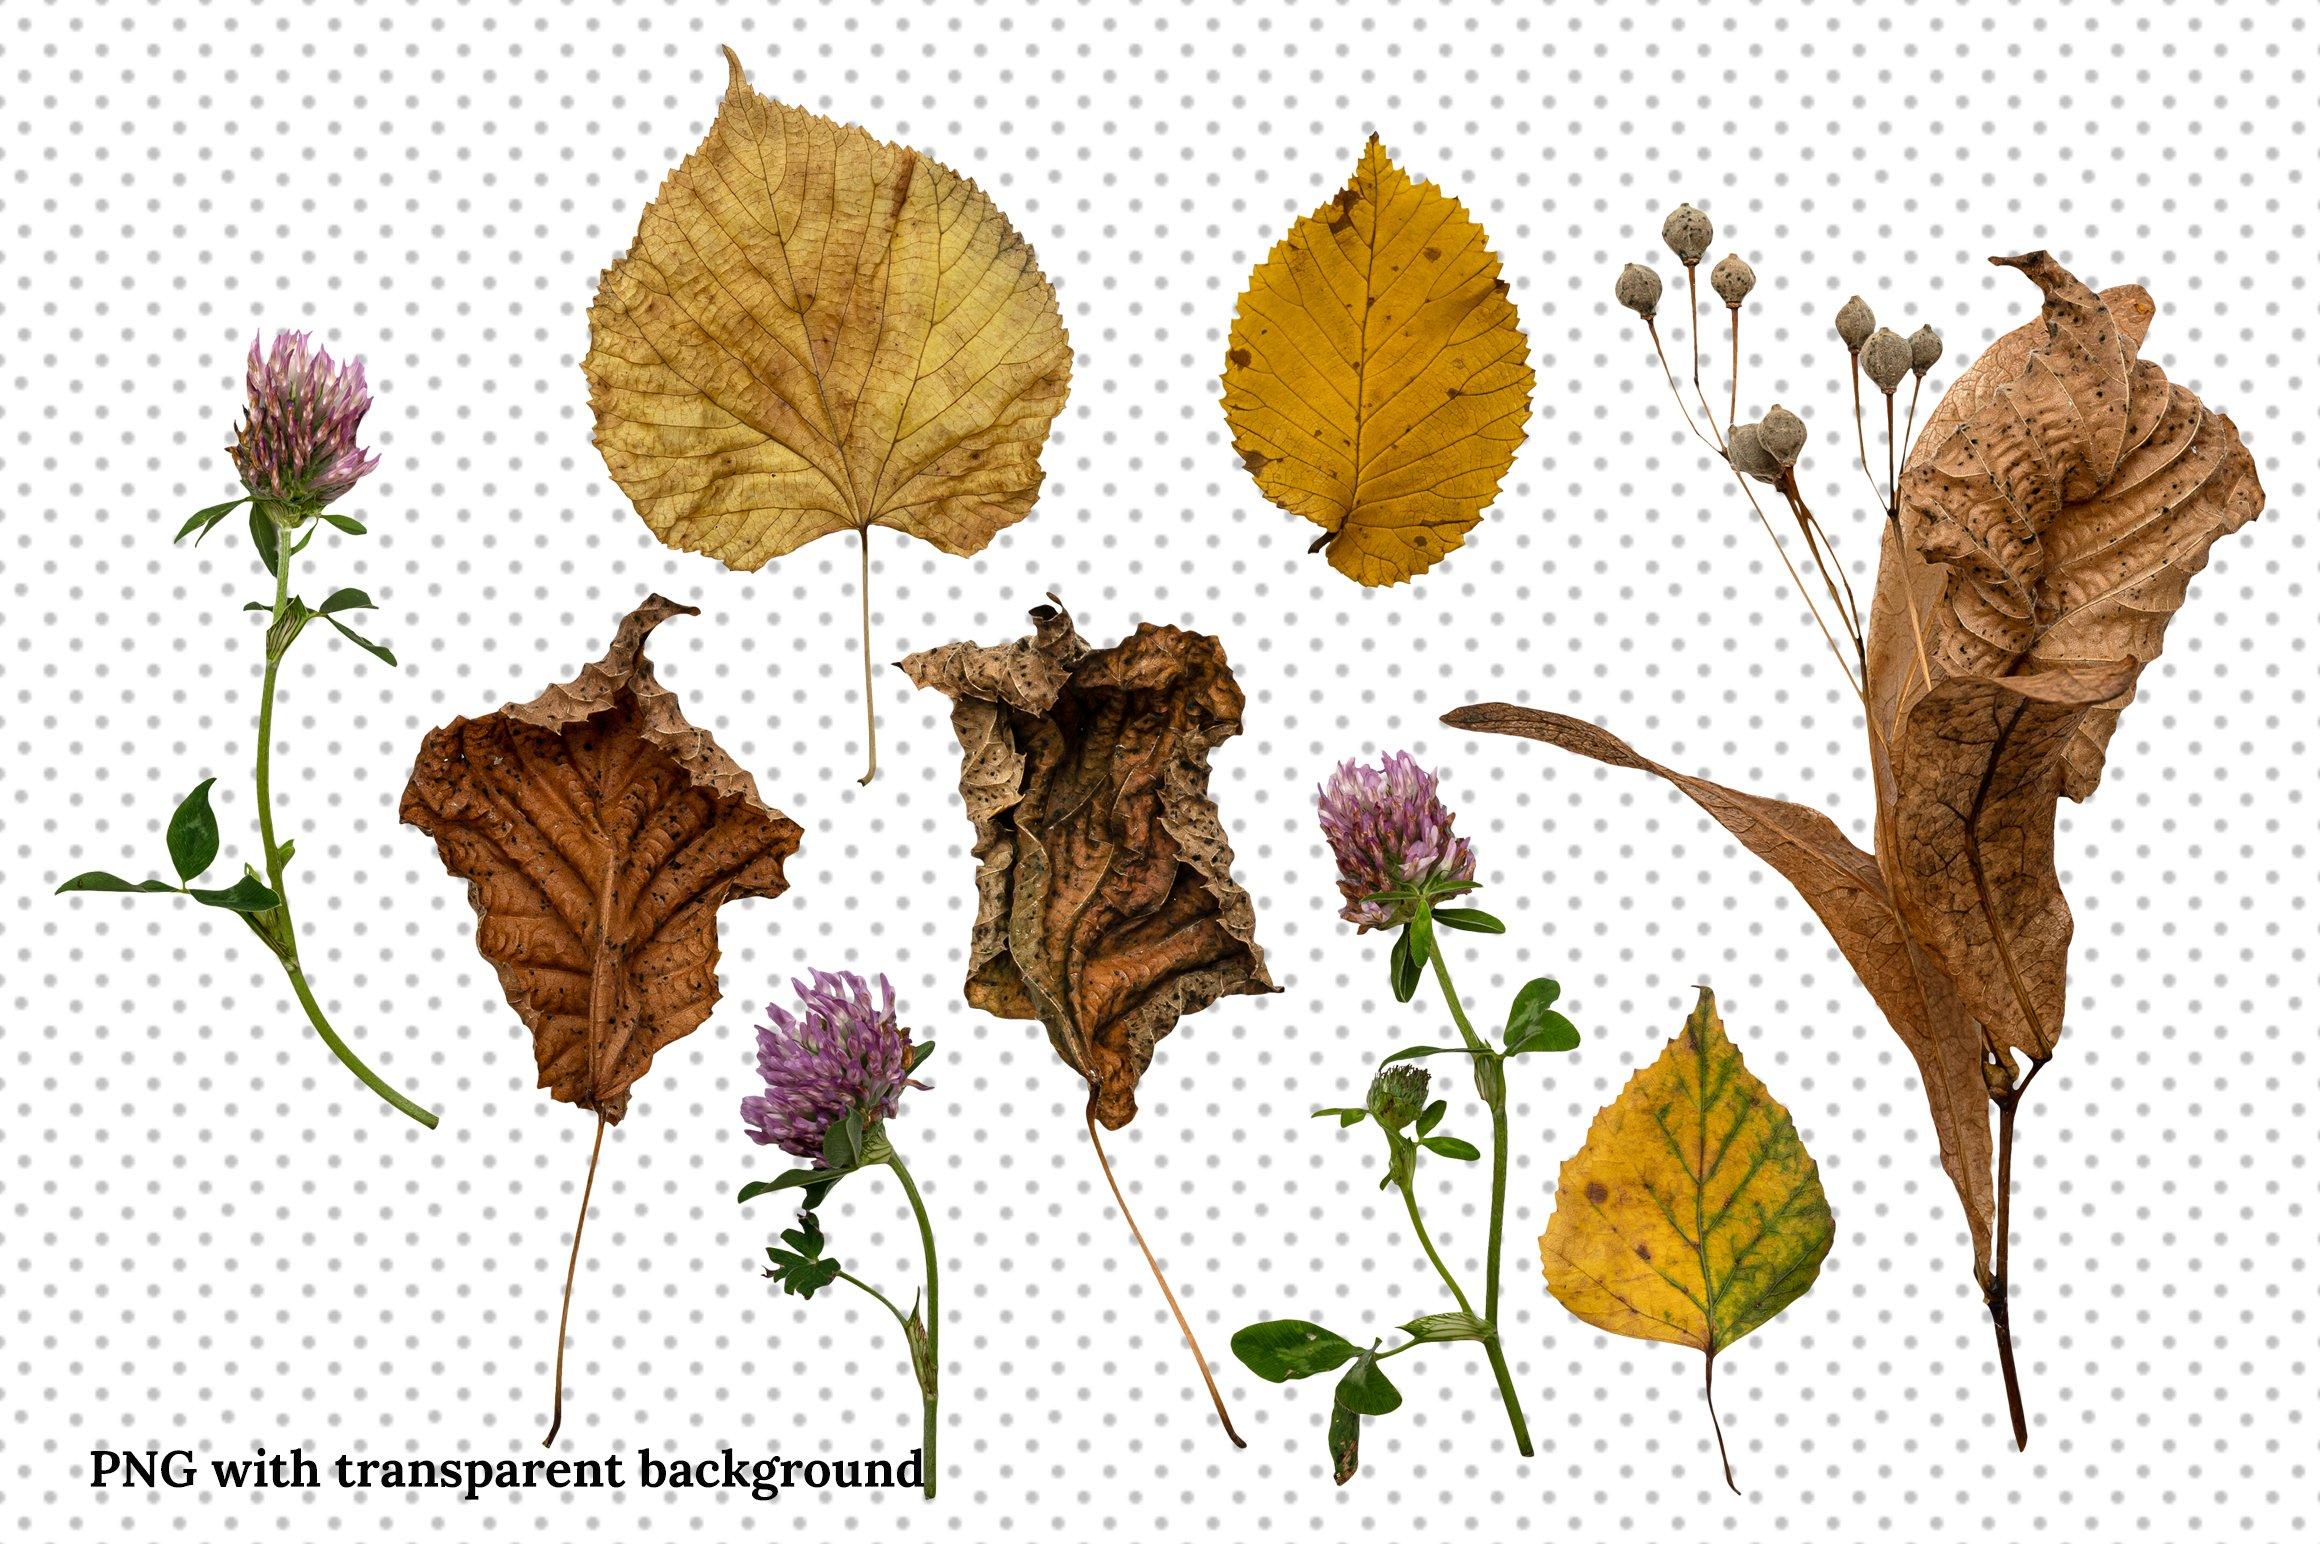 秋季森林元素场景背景图片素材 Autumn Forest Scene Creator插图(4)